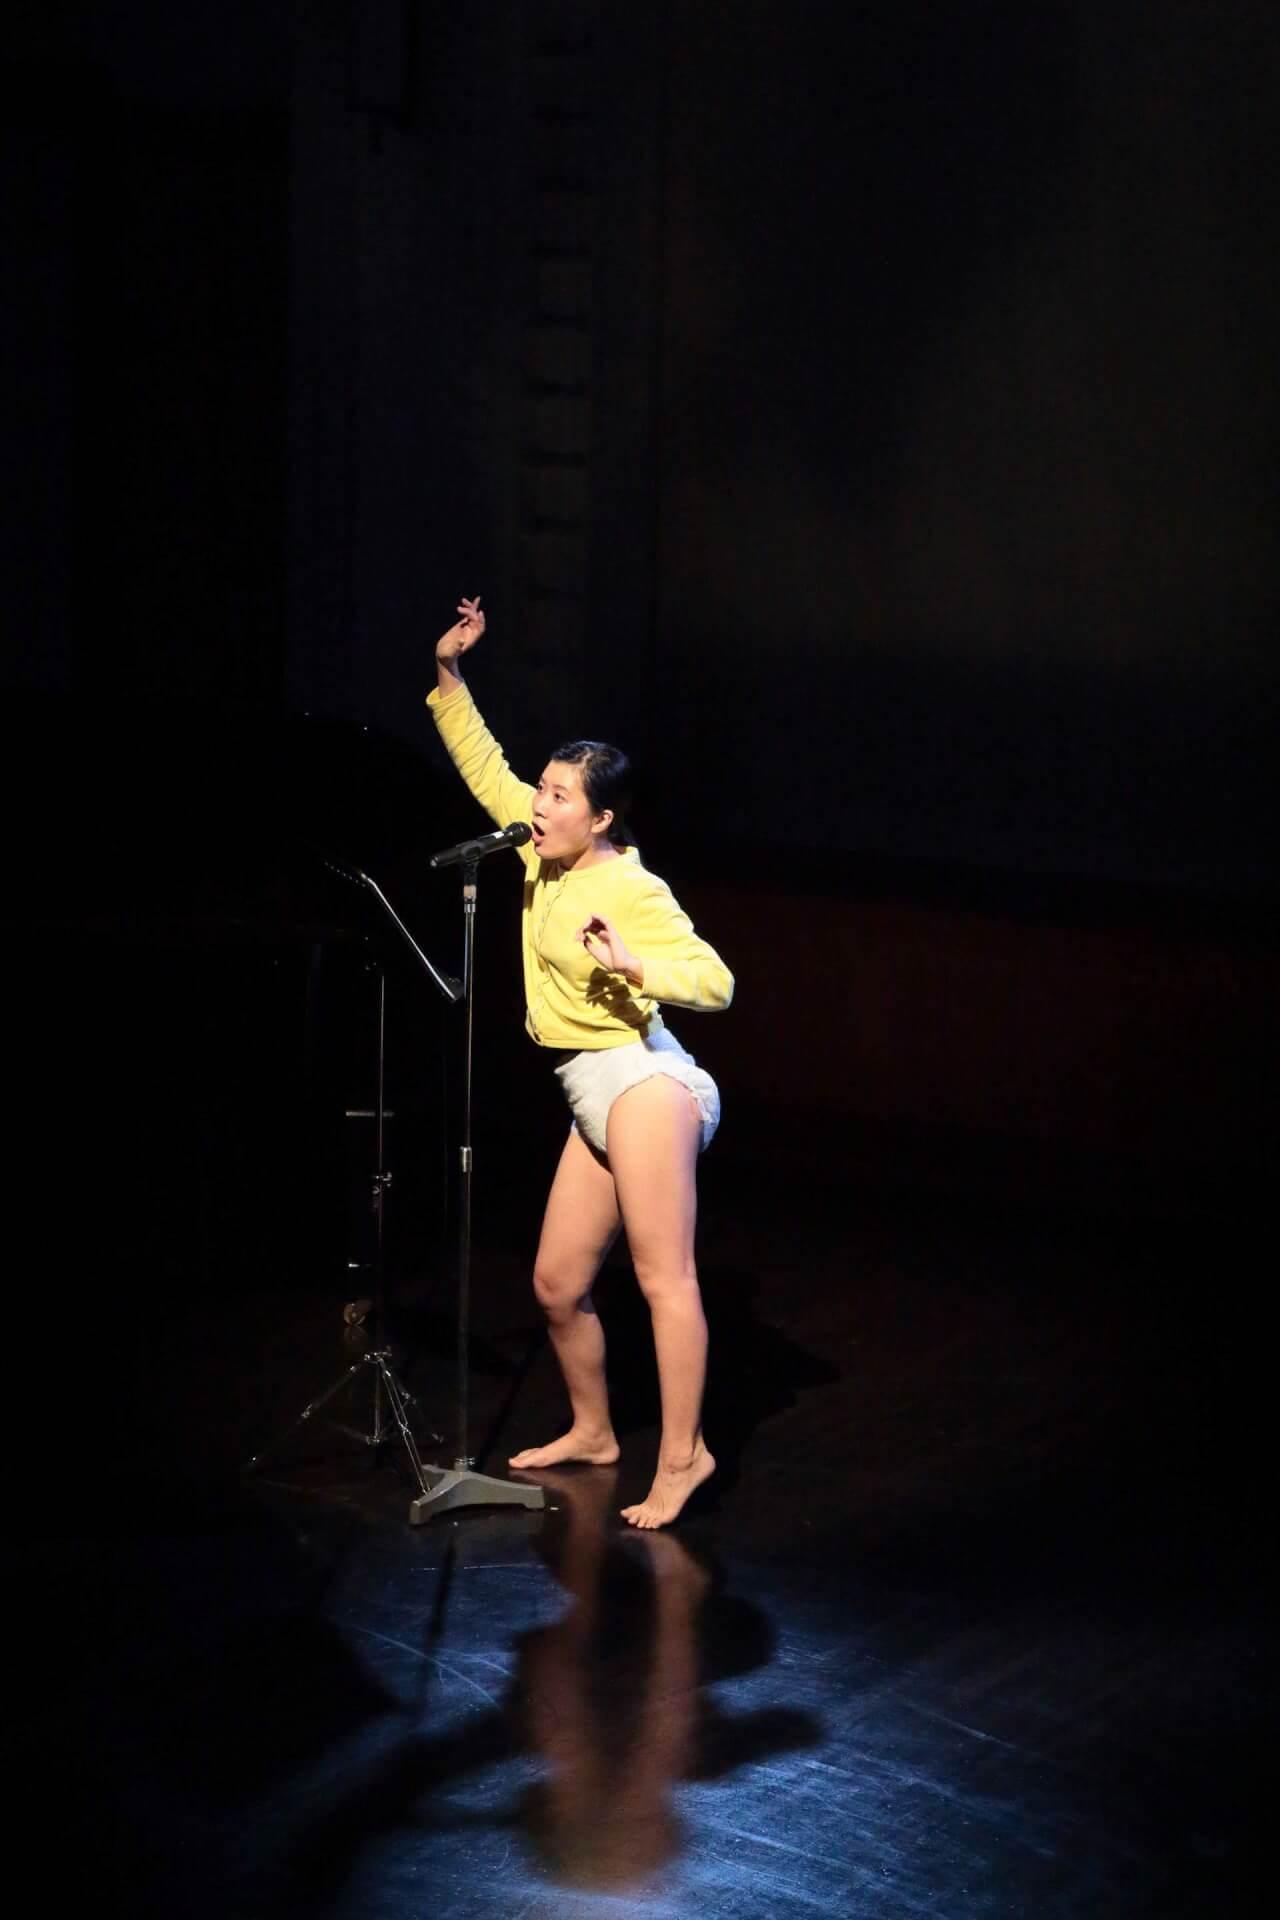 演劇『妖精の問題』が中国とインドネシアの2ヶ国にてオンライン上映決定!劇作家・市原佐都子率いる「Q」による初のオンライン海外ツアー art210512_yousei-no-mondai-210512_3